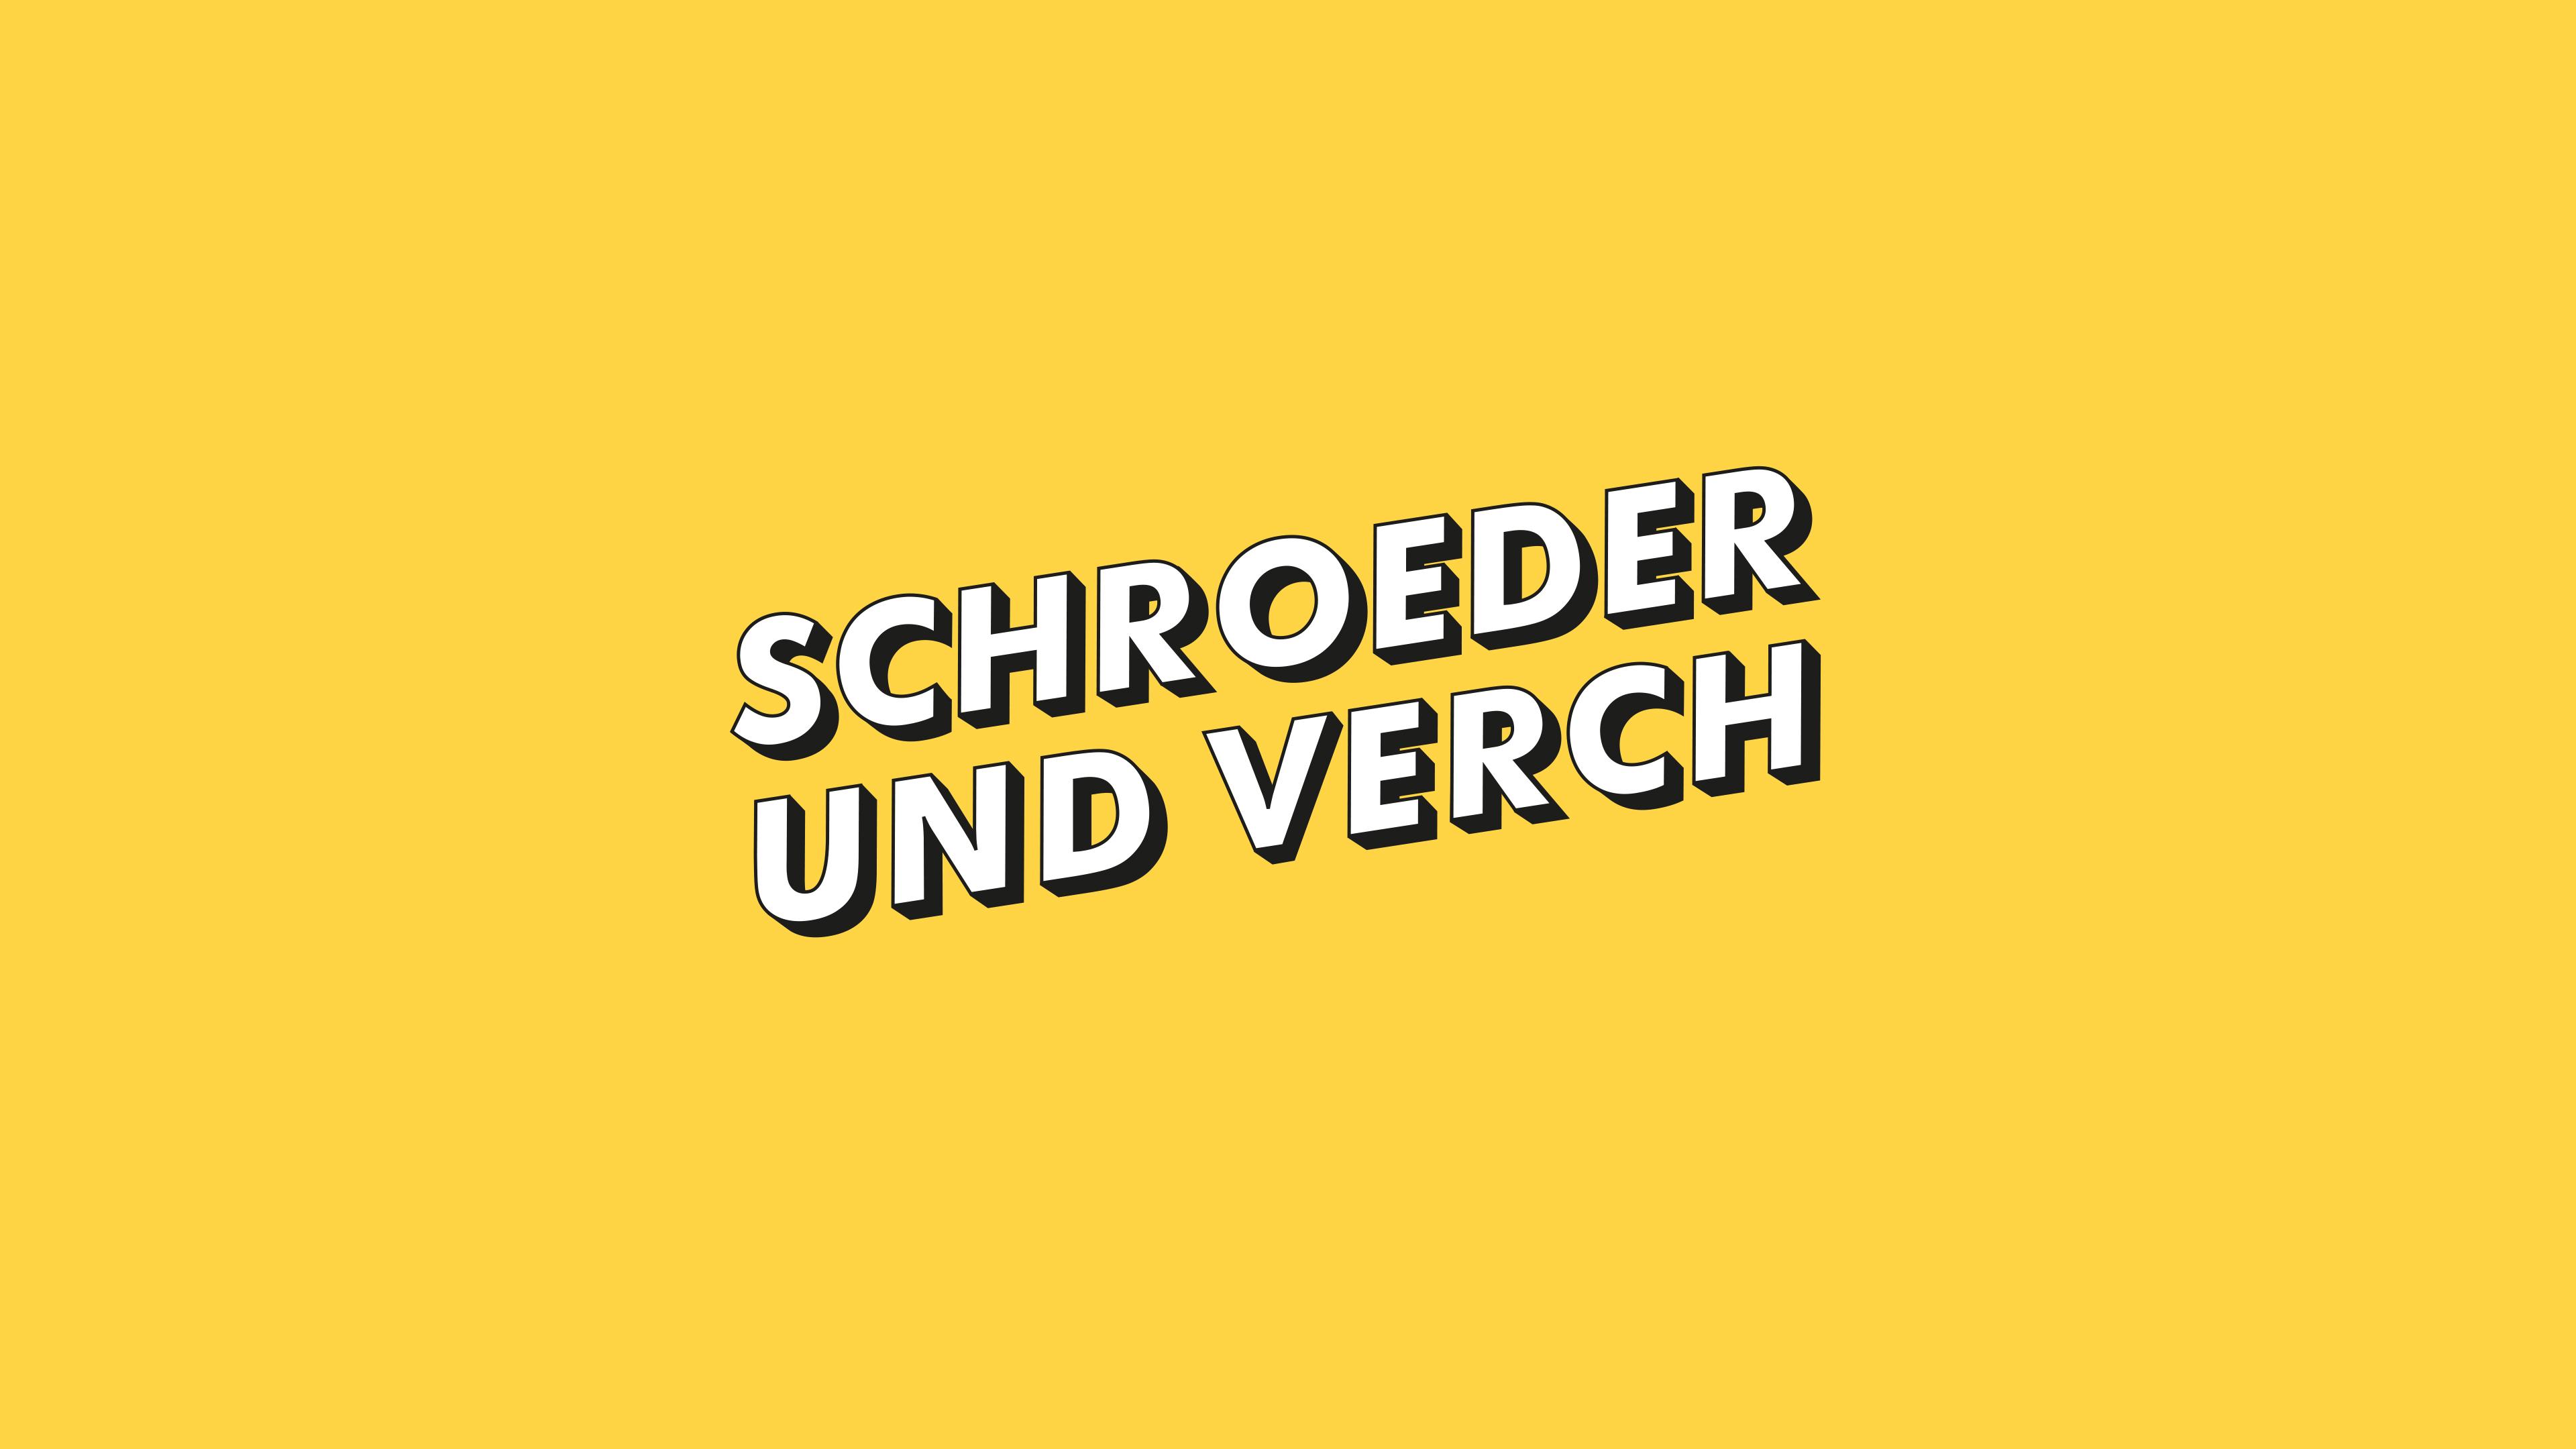 Schroeder und verch podcast